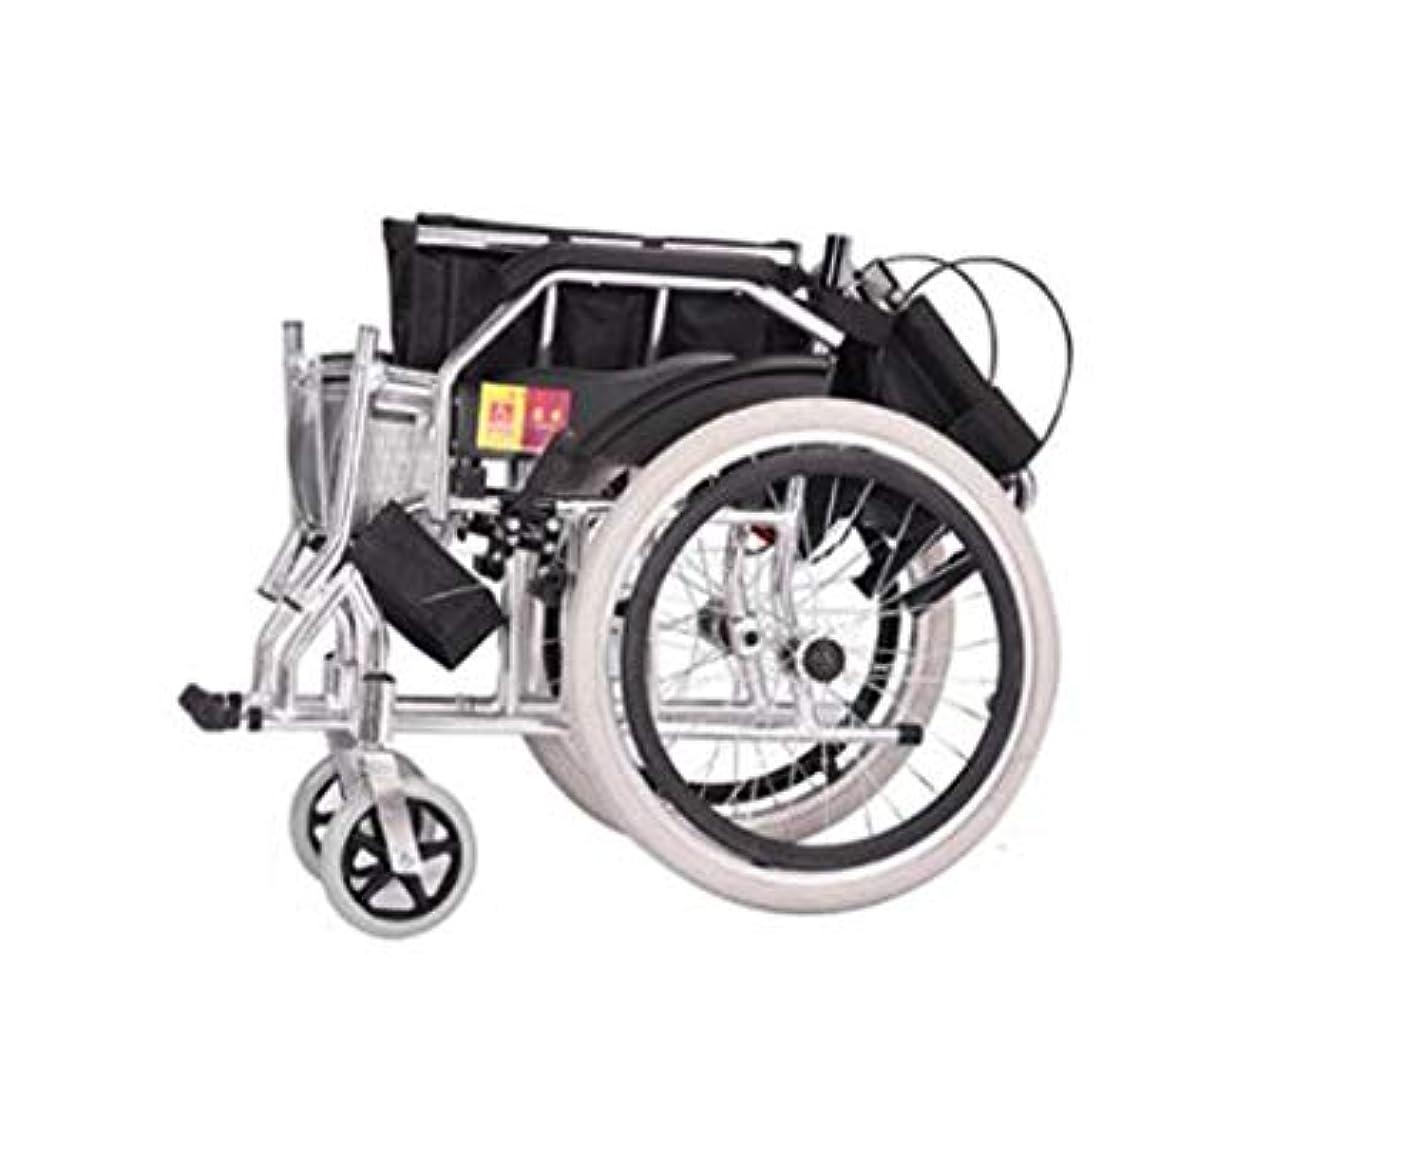 フェザー邪魔するスチュワード車椅子折りたたみライトキャリングベルト、超軽量アルミニウム合金多機能トロリー、高齢者、身体障害者用手動車椅子